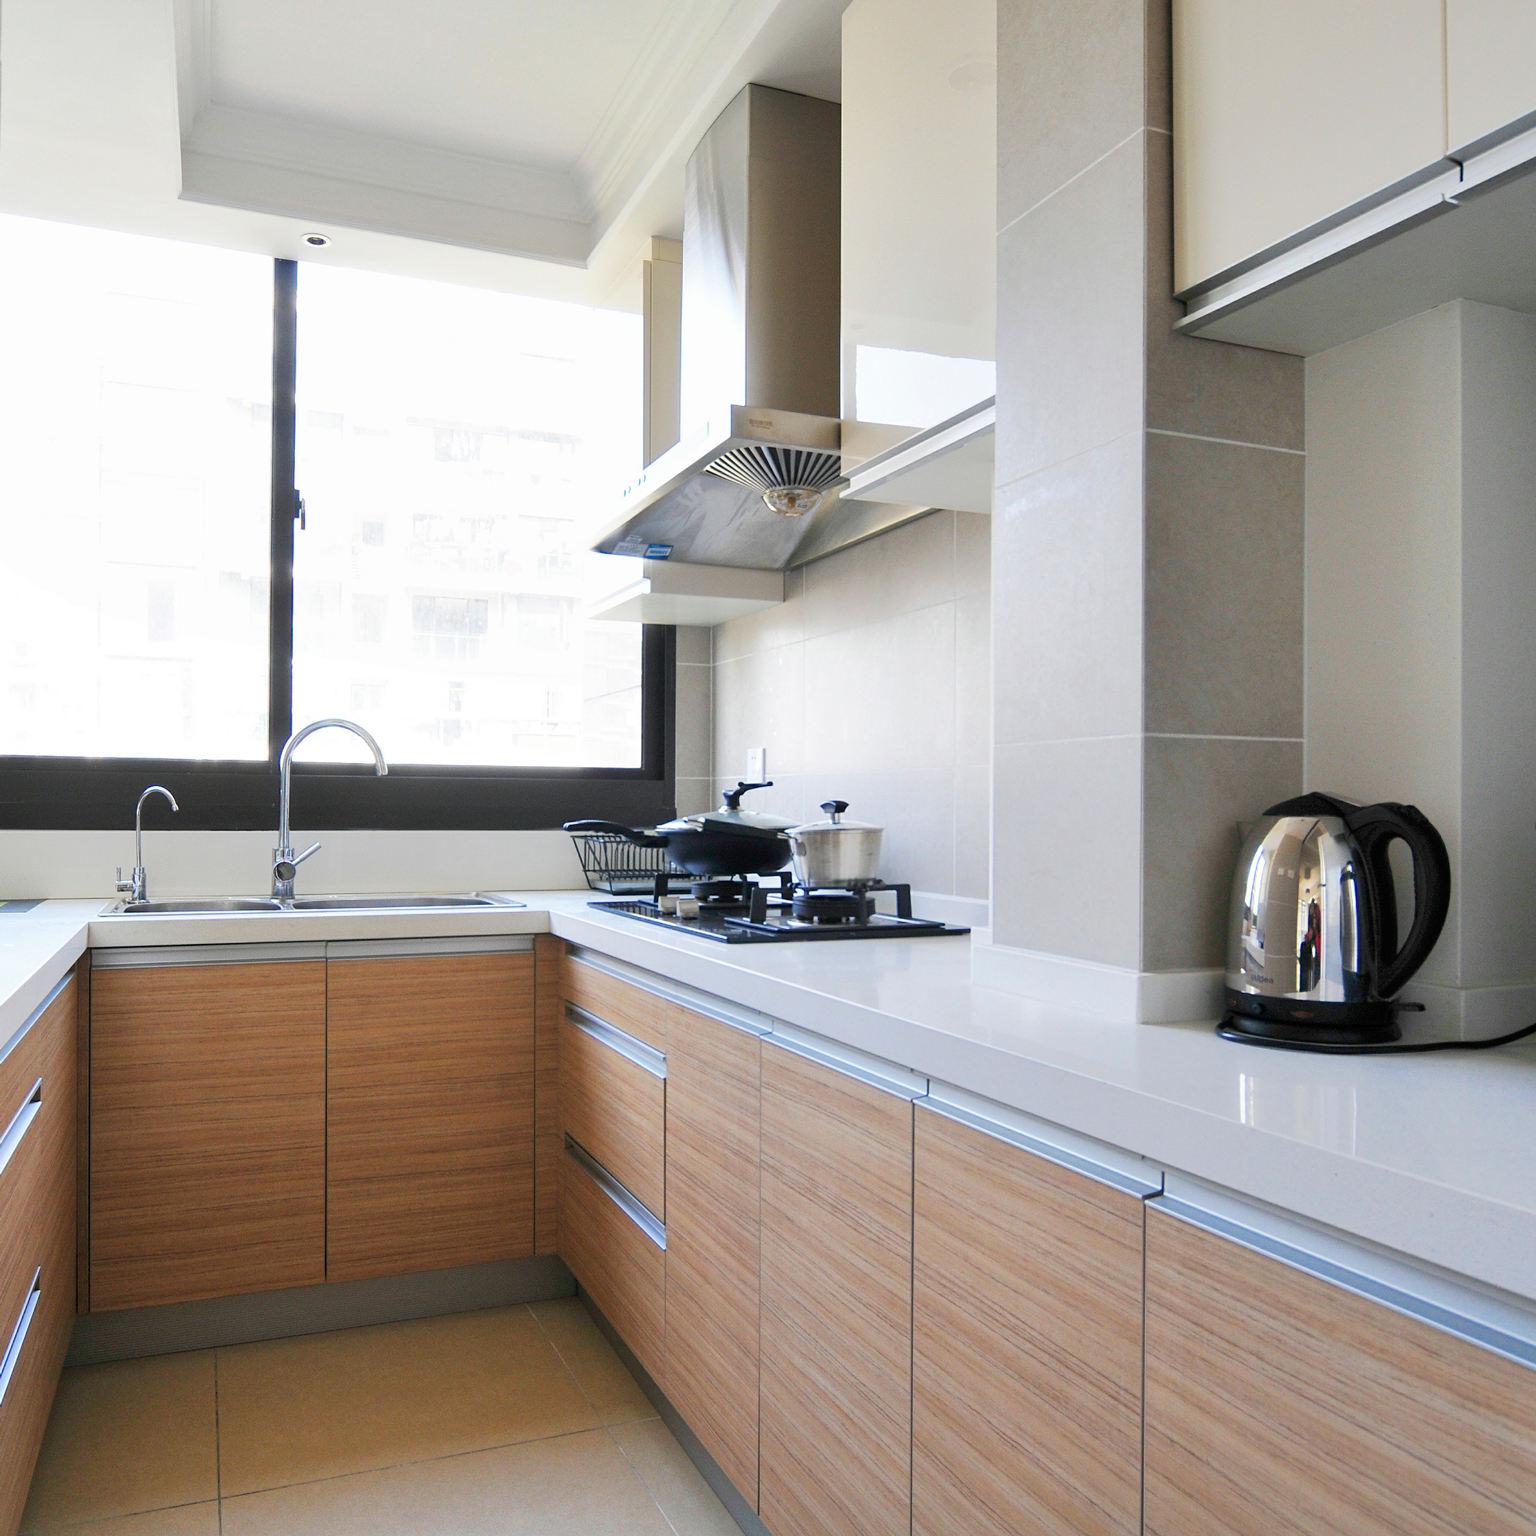 装修效果图 装修美图 简约设计厨房实木橱柜效果图